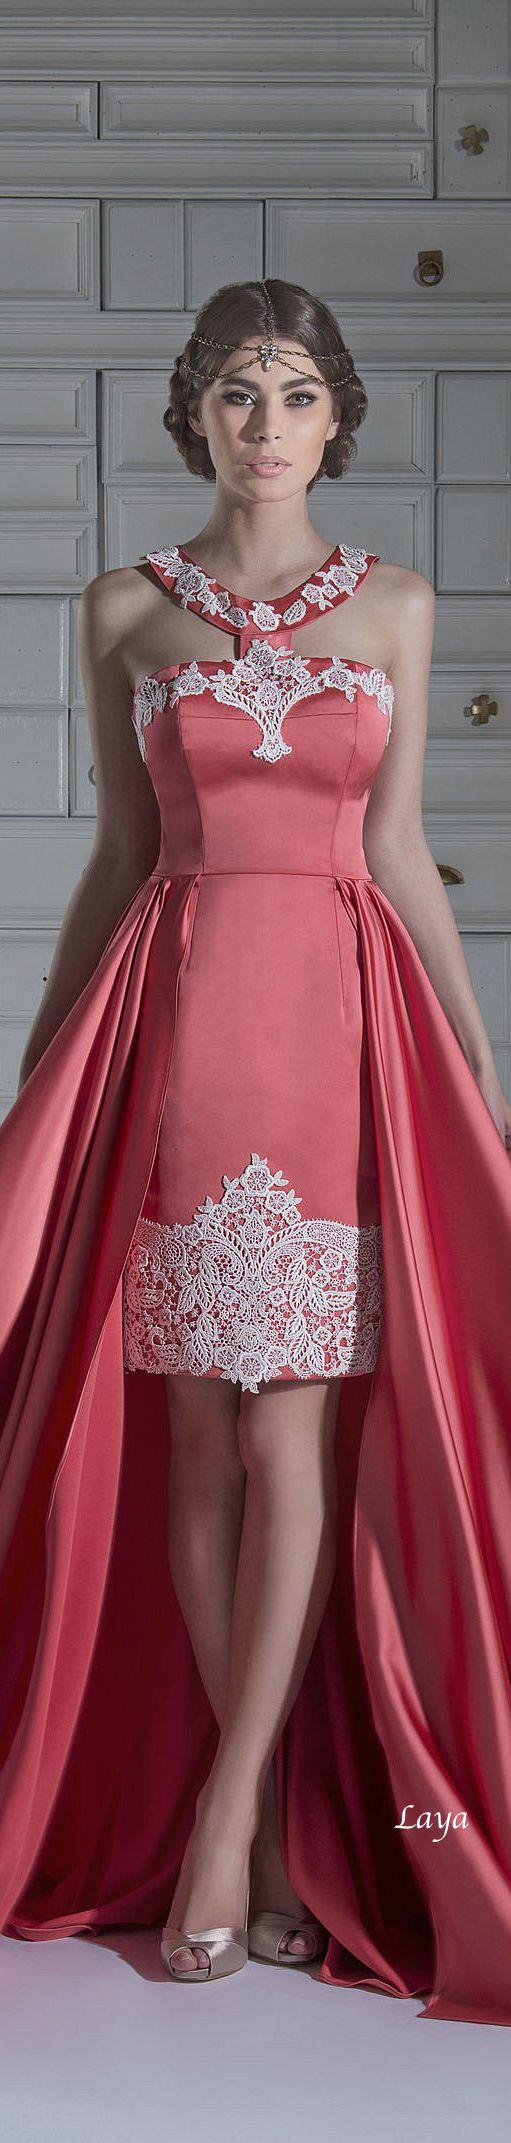 Mejores 162 imágenes de vestidos en Pinterest | Vestidos de noche ...